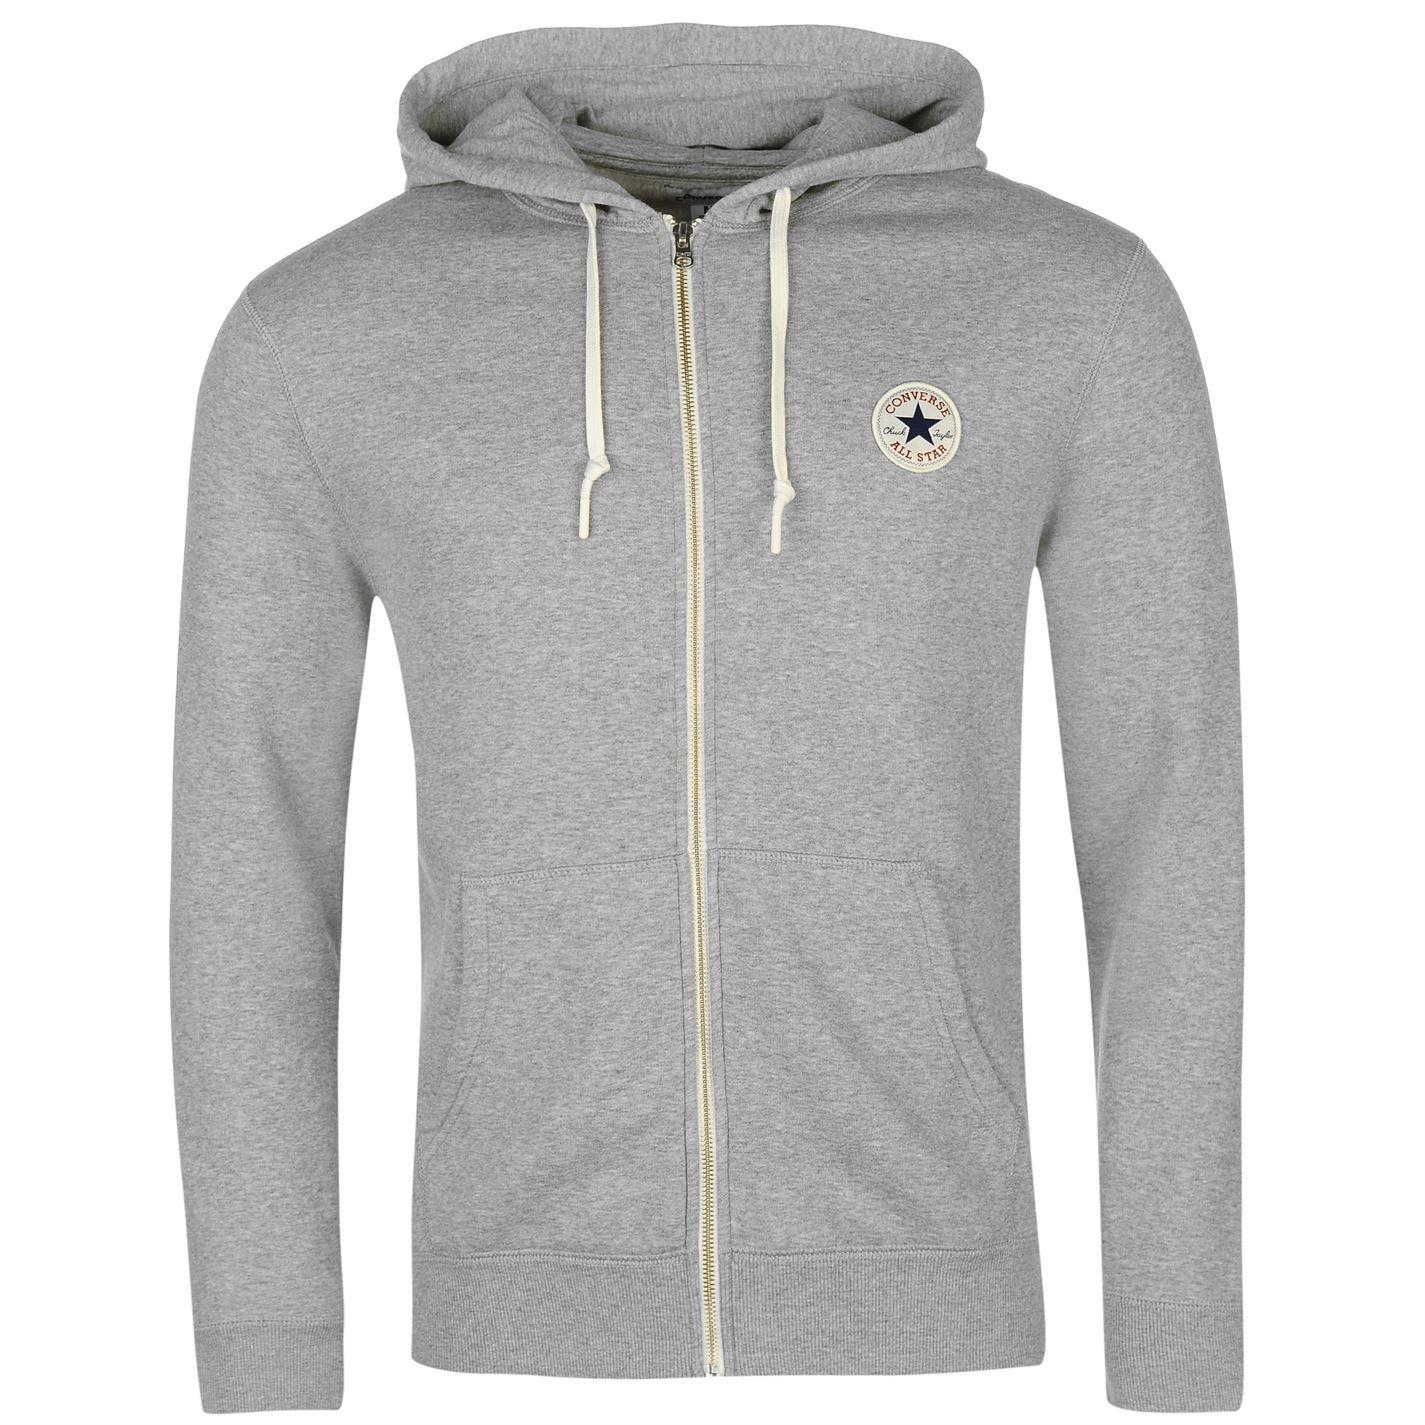 thumbnail 16 - Converse Core Full Zip Hoody Jacket Mens Hoodie Sweatshirt Sweater Hooded Top